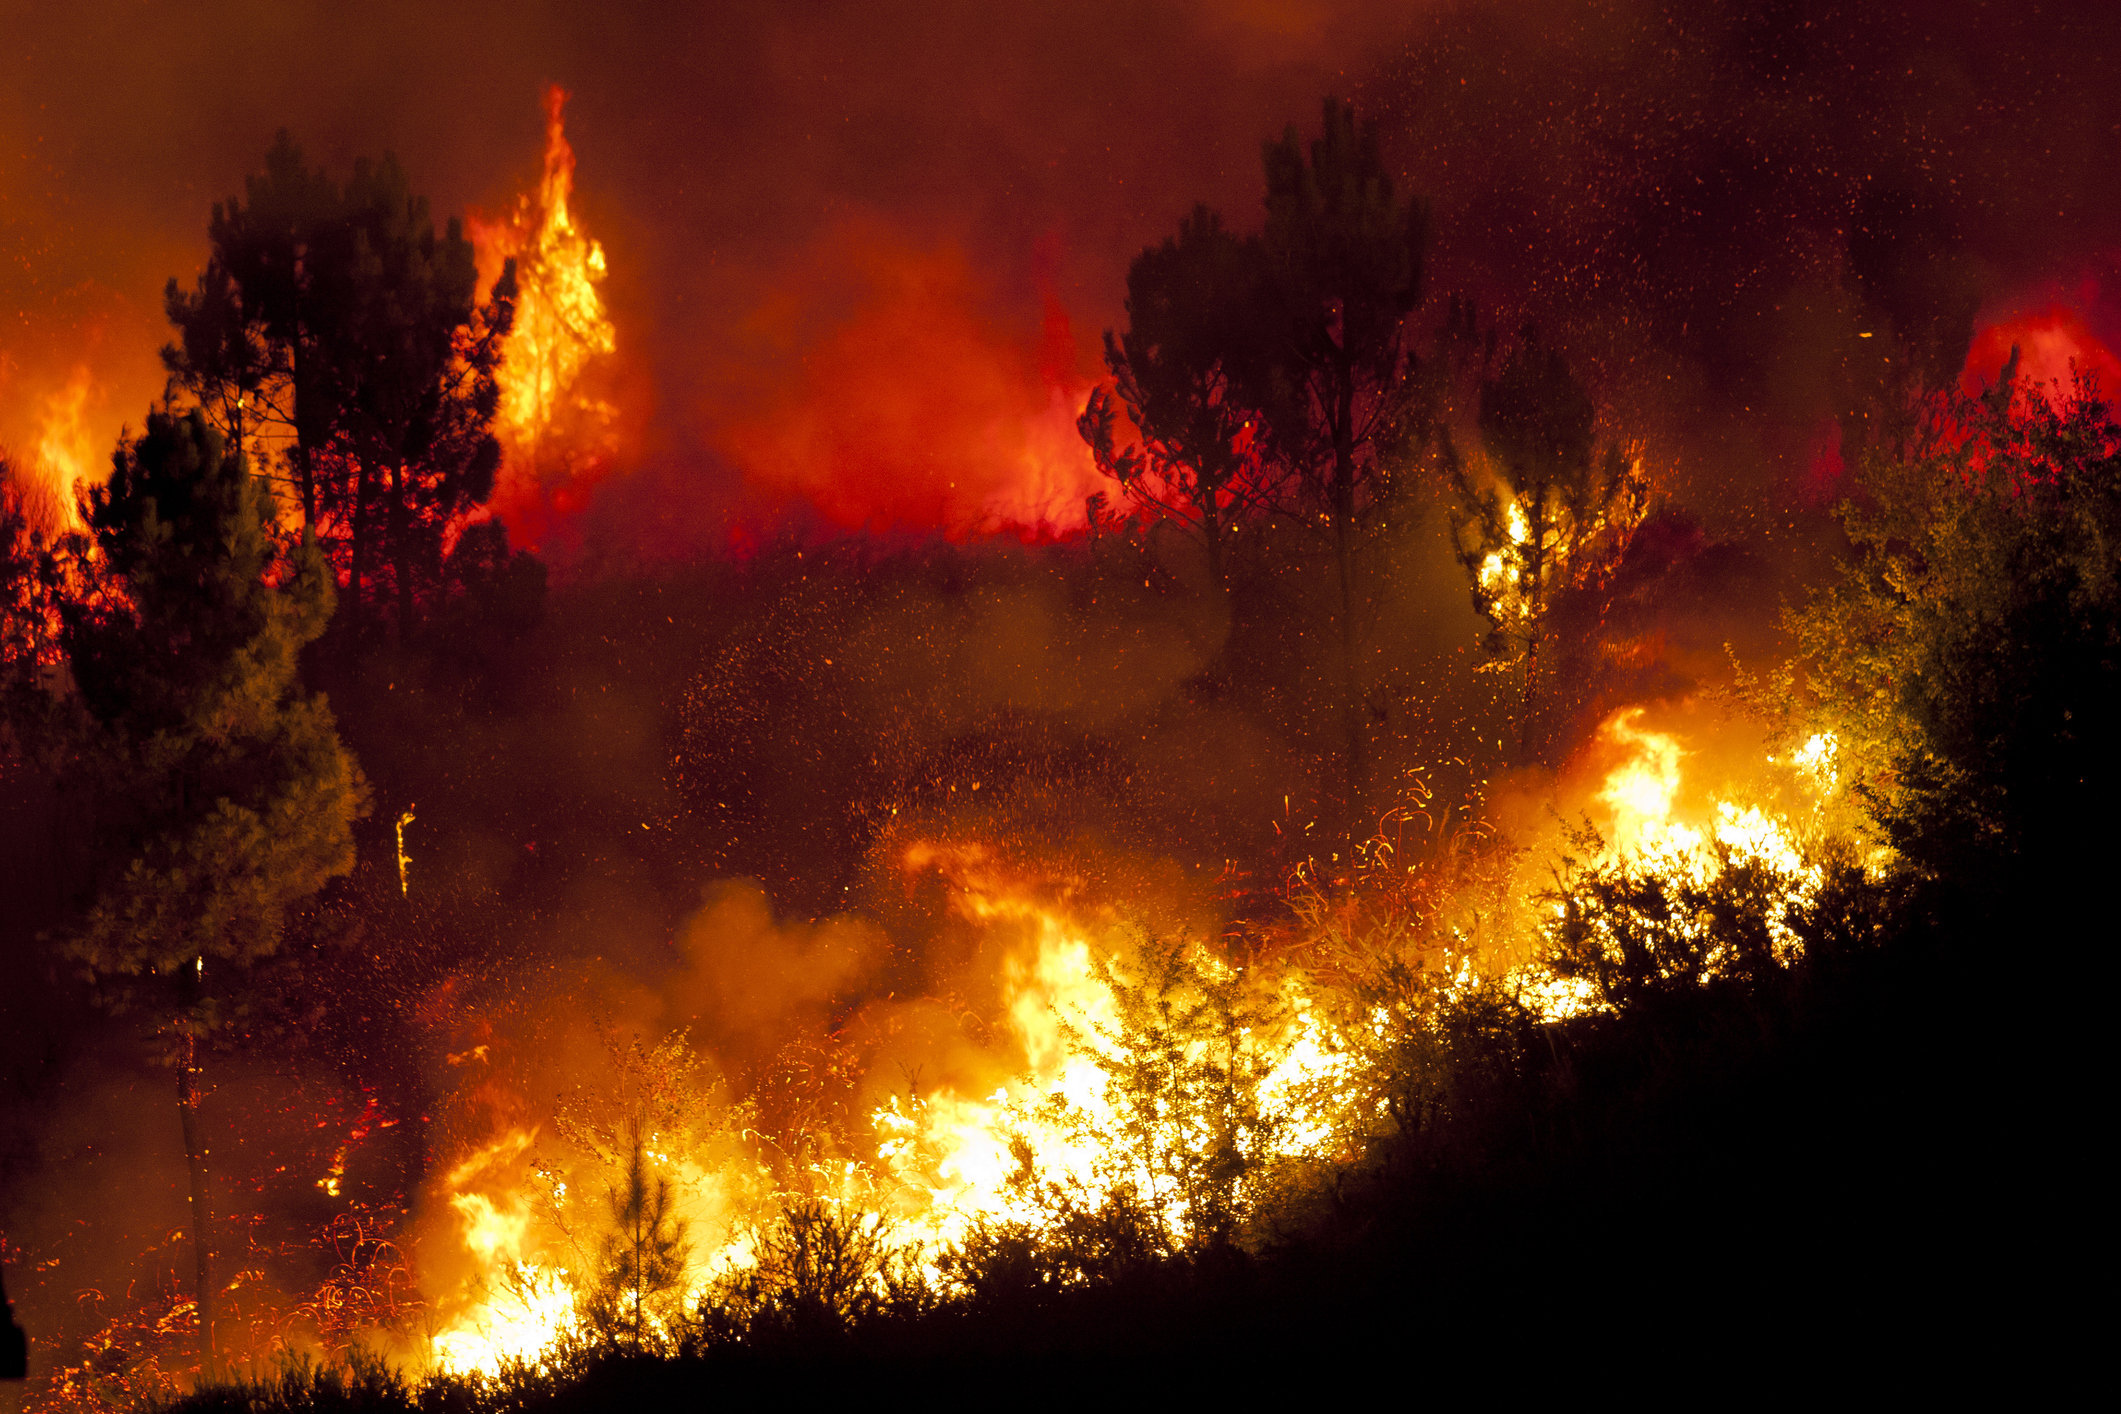 Козельскому лесничеству пока удается беречь лес от пожаров